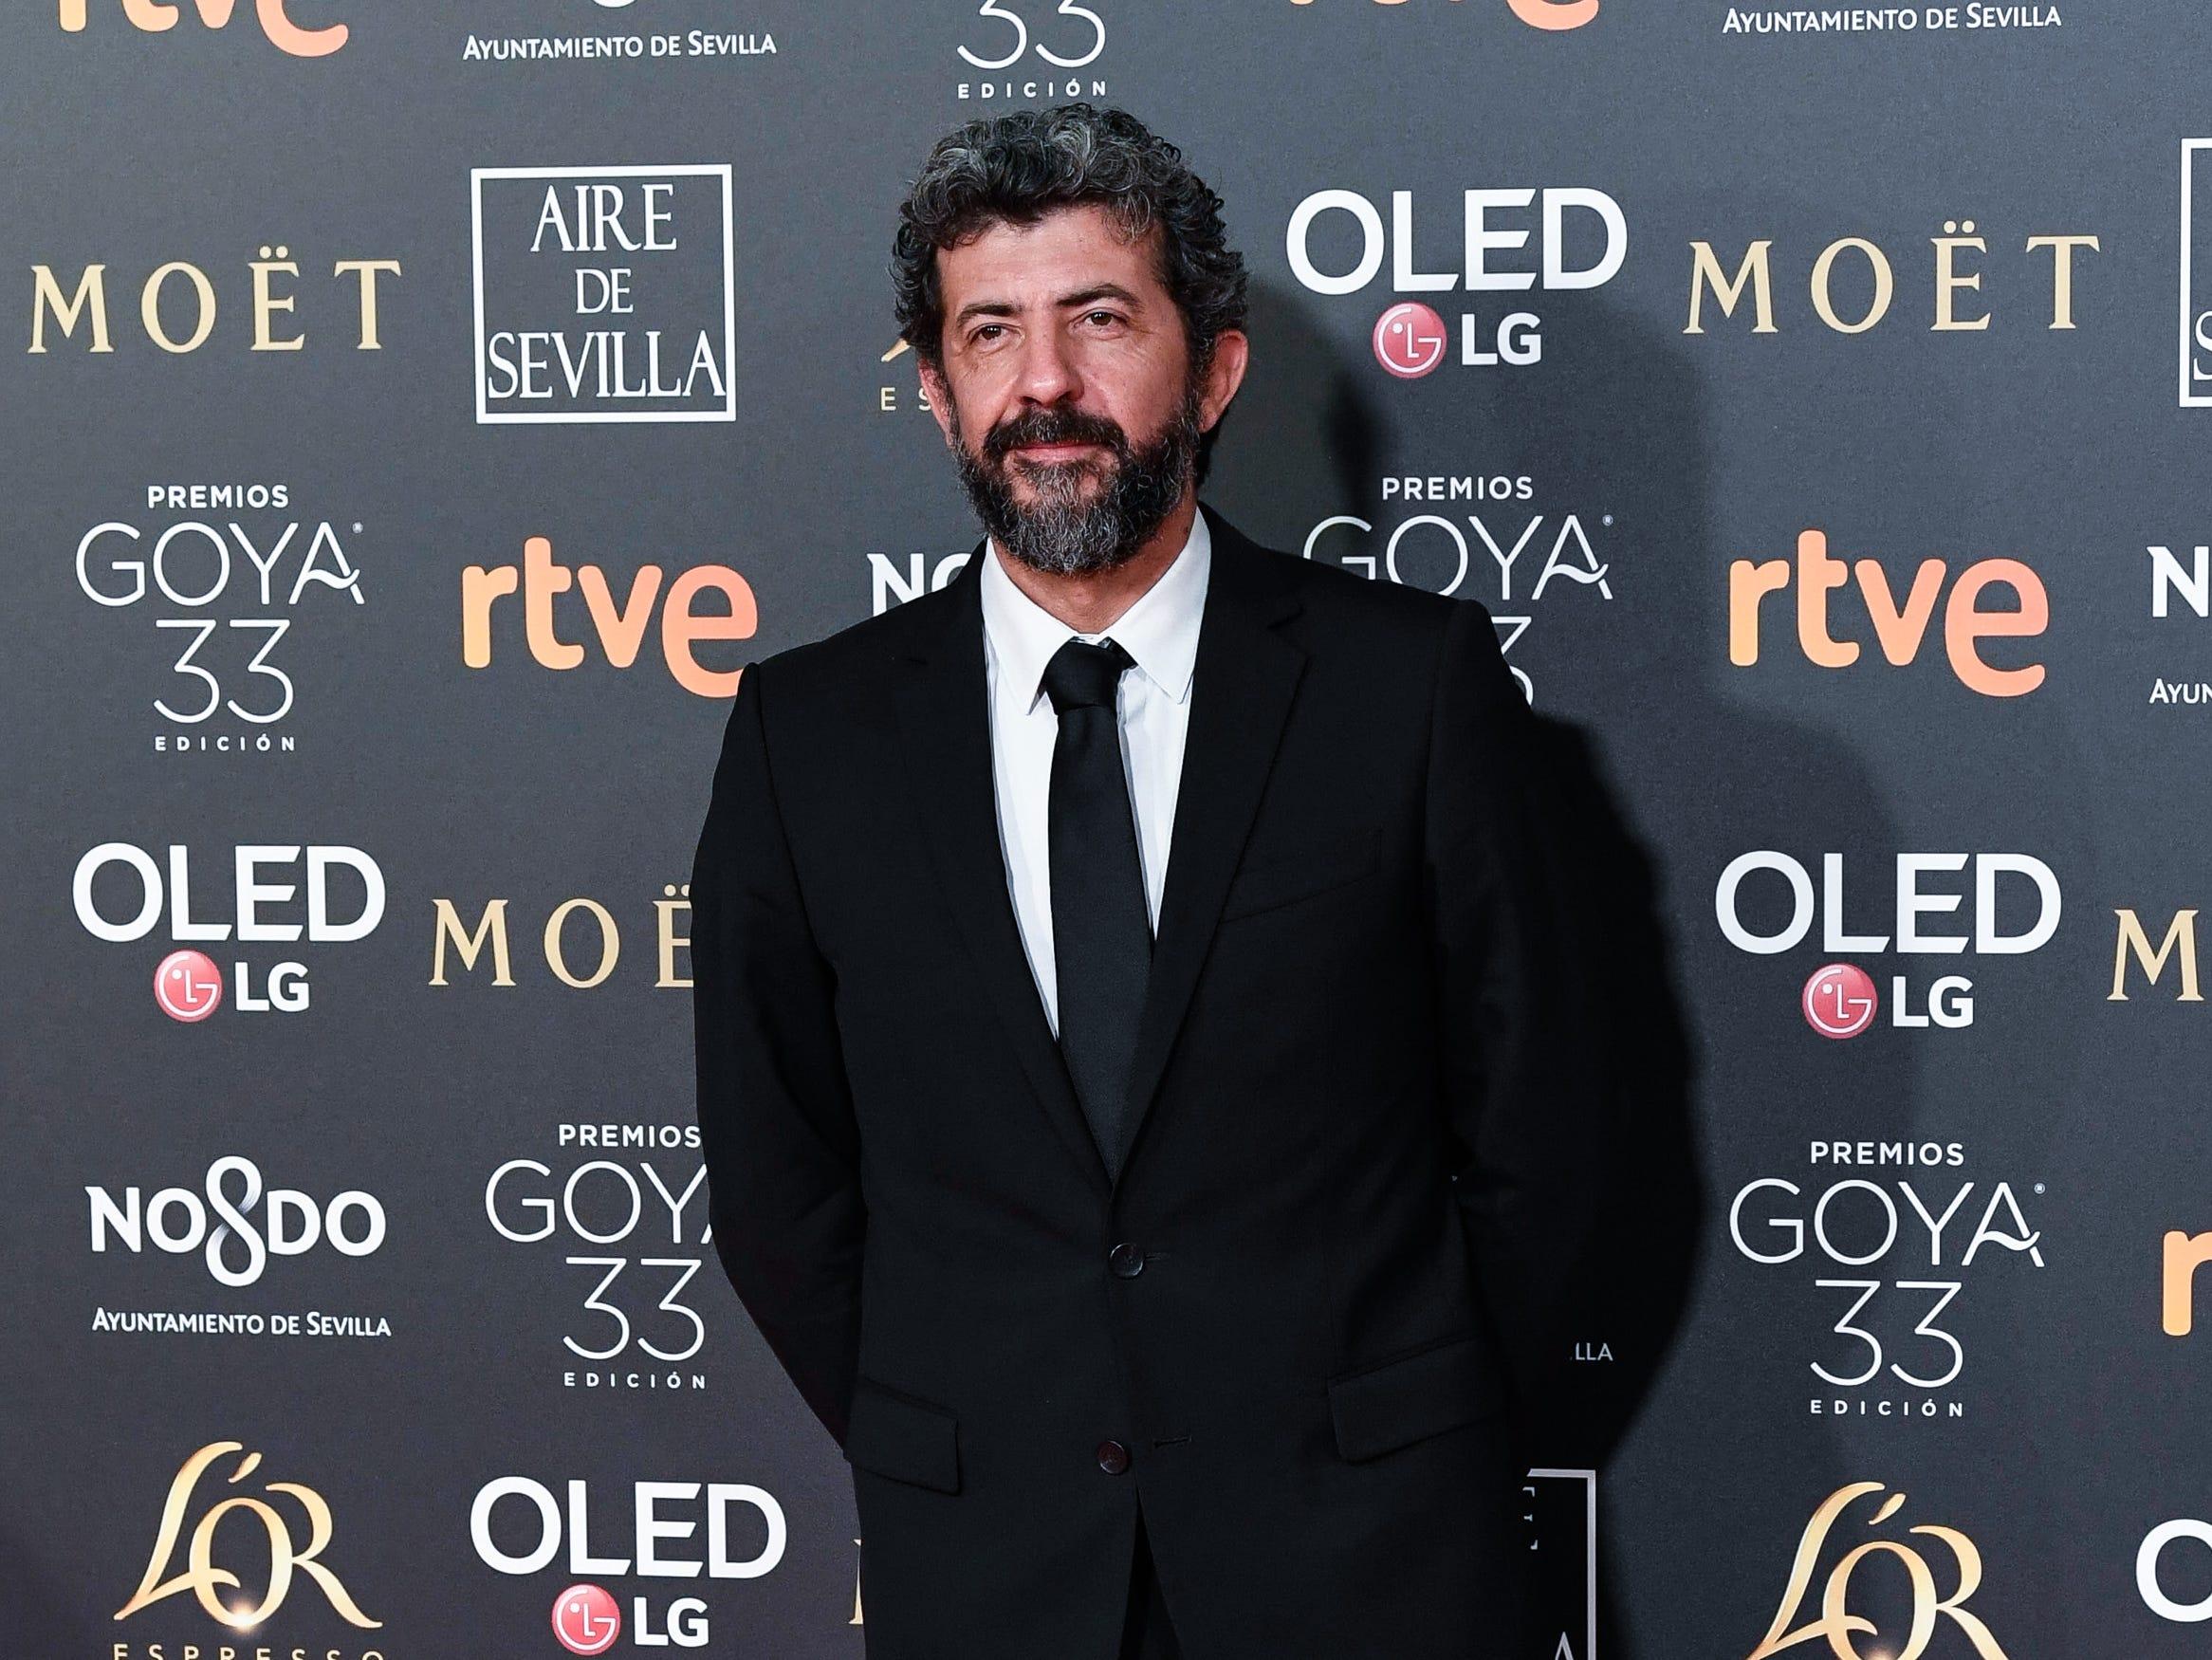 Alberto Rodríguez asiste a la 33ª edición de los Premios de Cine Goya en el Palacio de Congresos y Exposiciones FIBES el 2 de febrero de 2019 en Sevilla, España.